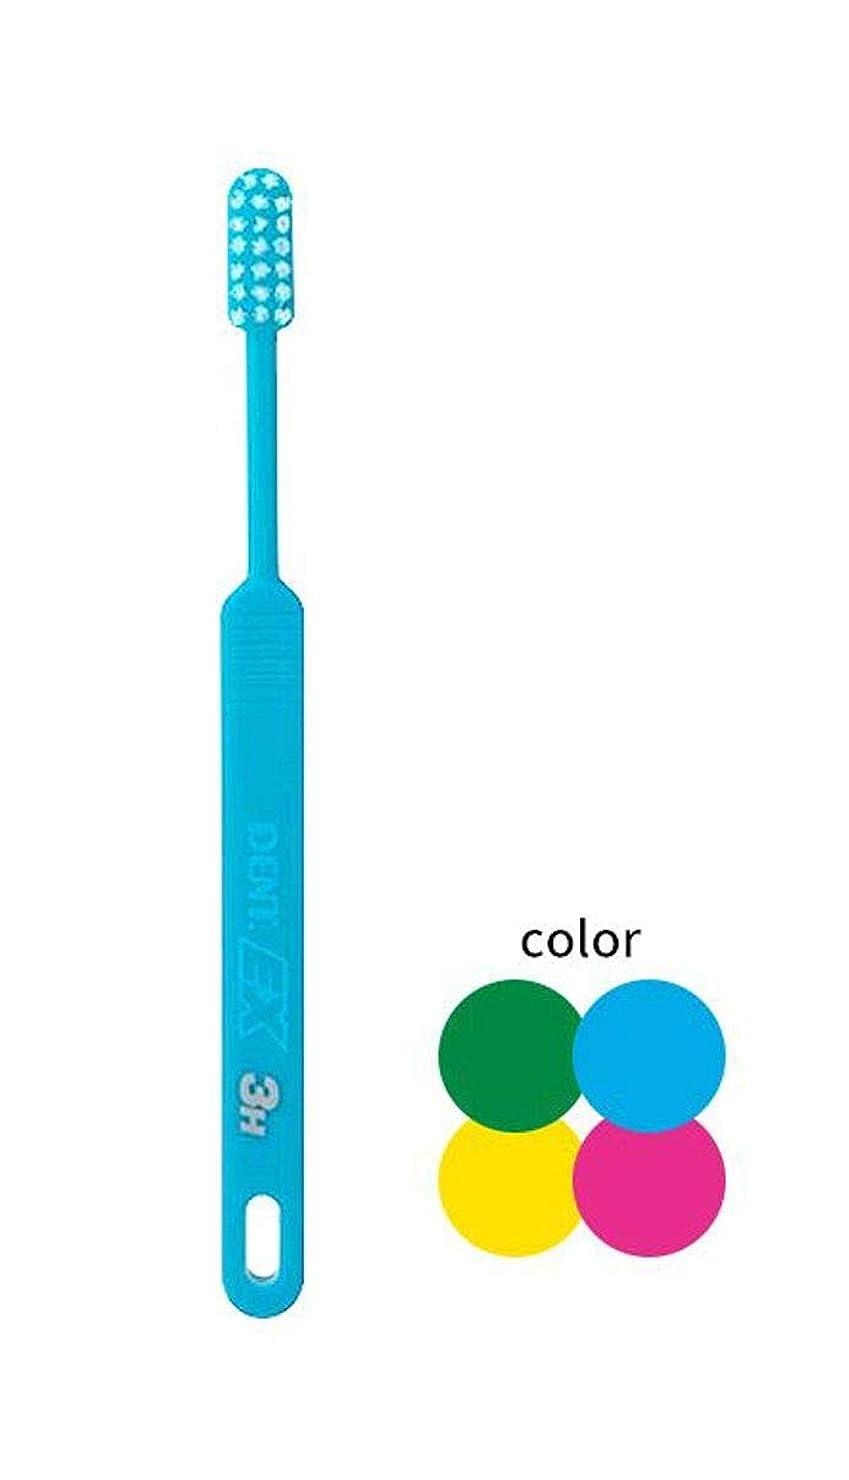 リンス説得力のあるスタンドライオン DENT. EX レギュラー歯ブラシ 3H(10本) 歯科専売